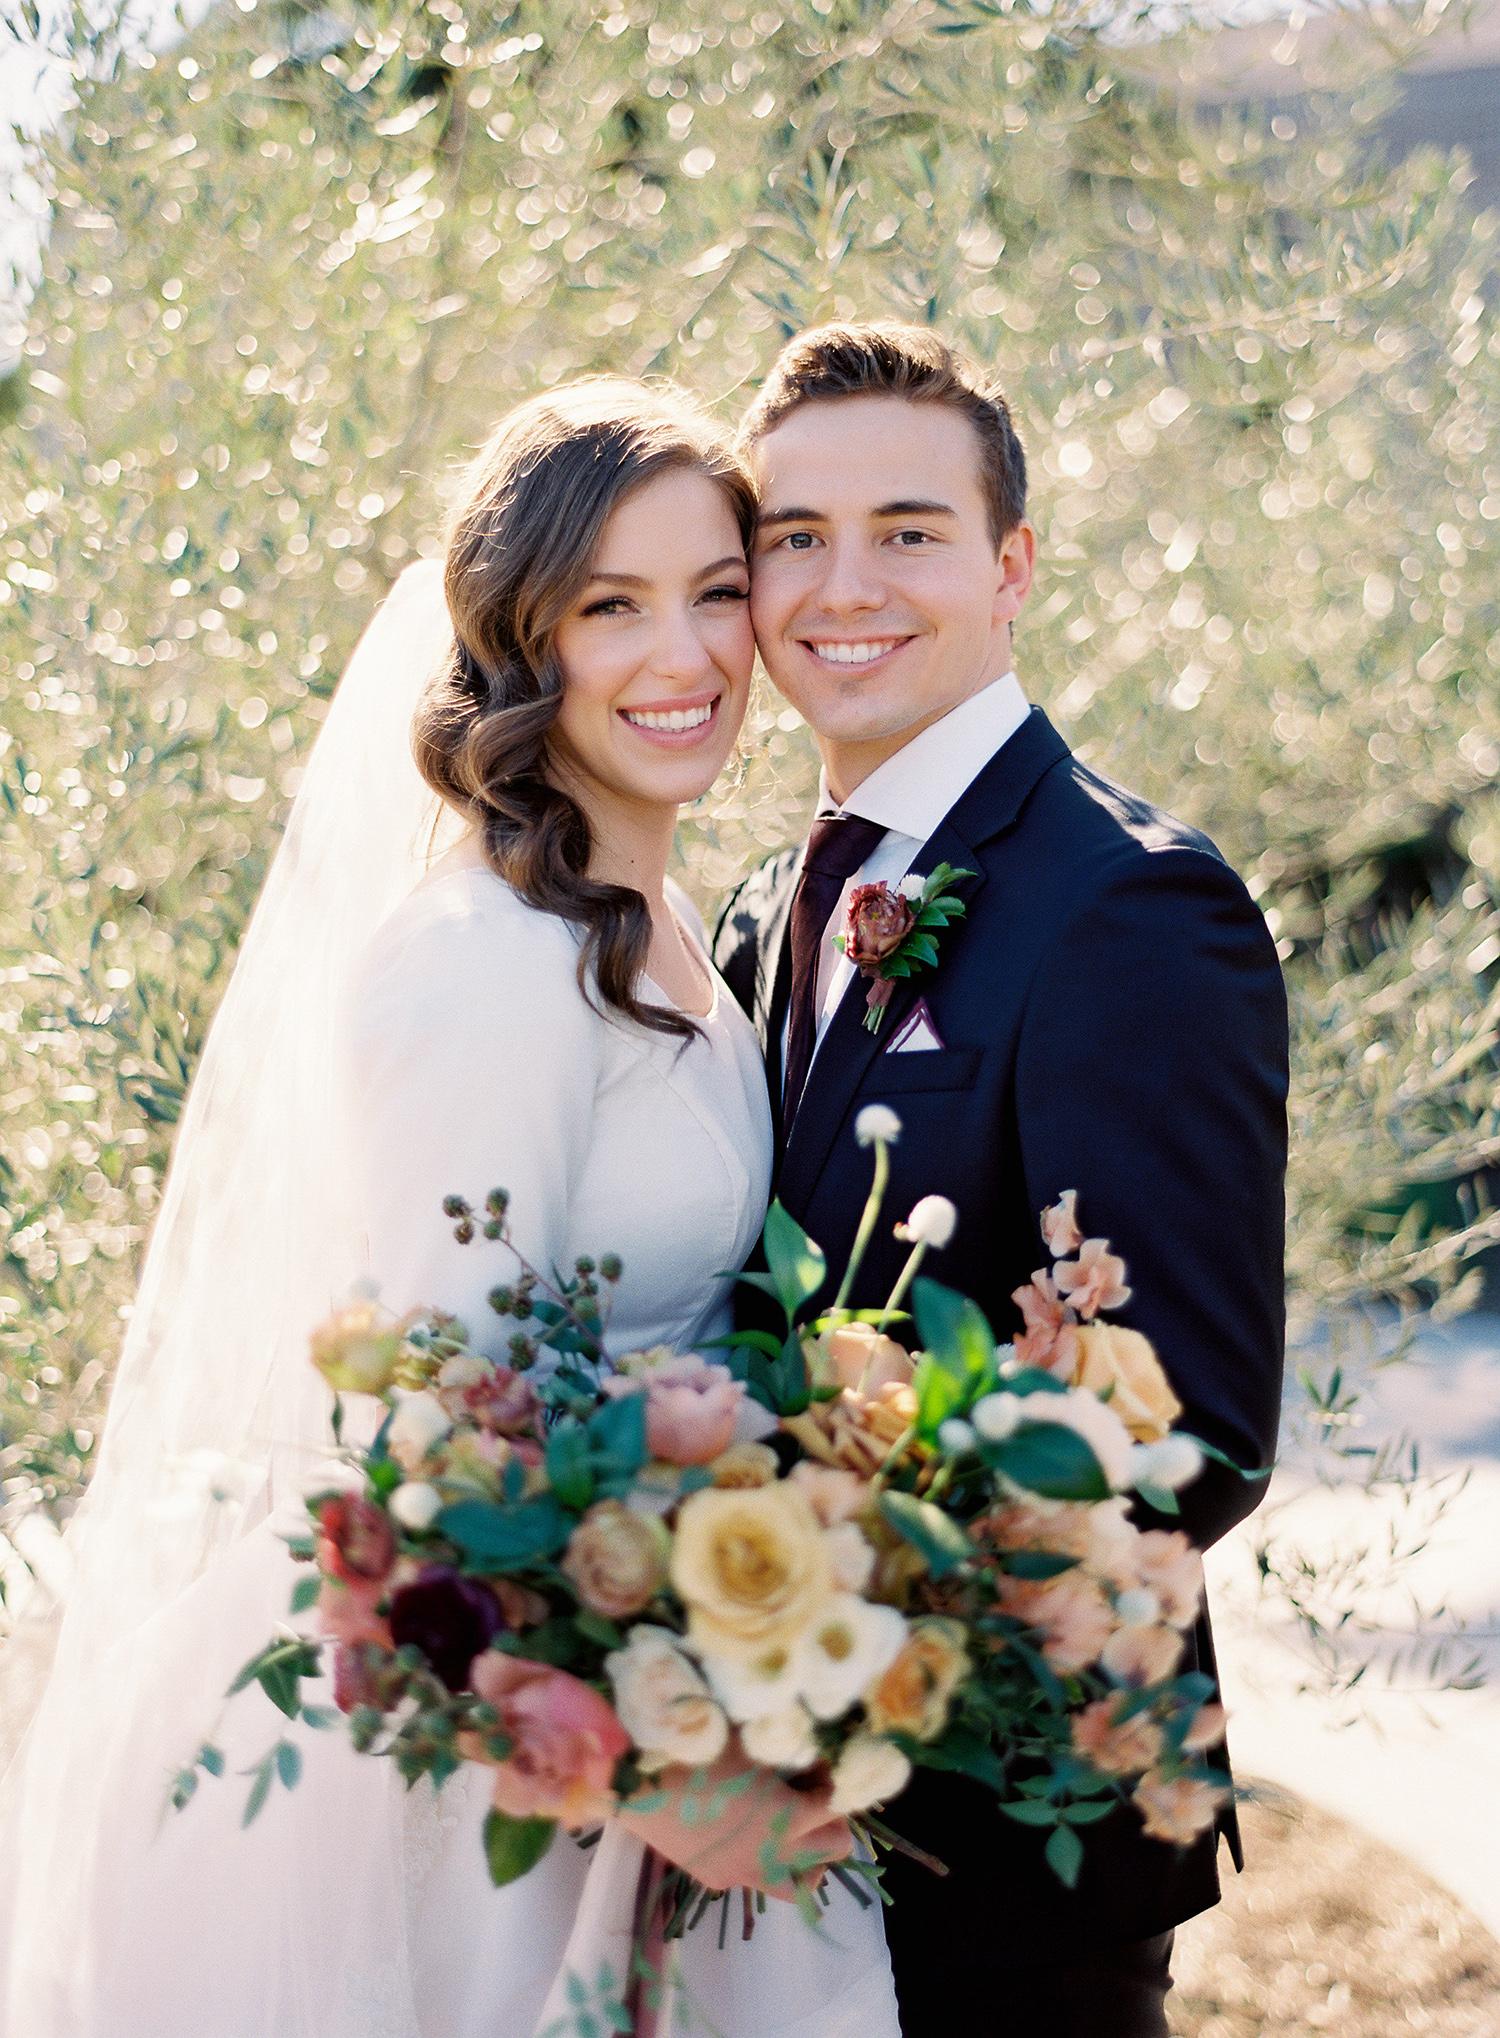 brooke dalton wedding couple in garden